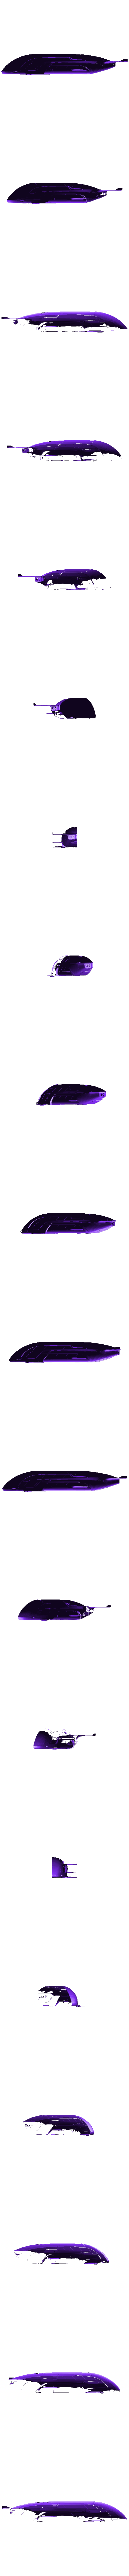 Dolphin_Left.stl Télécharger fichier STL gratuit Dauphin 2 Part (Elite Dangereuse) • Plan pour imprimante 3D, Kahnindustries